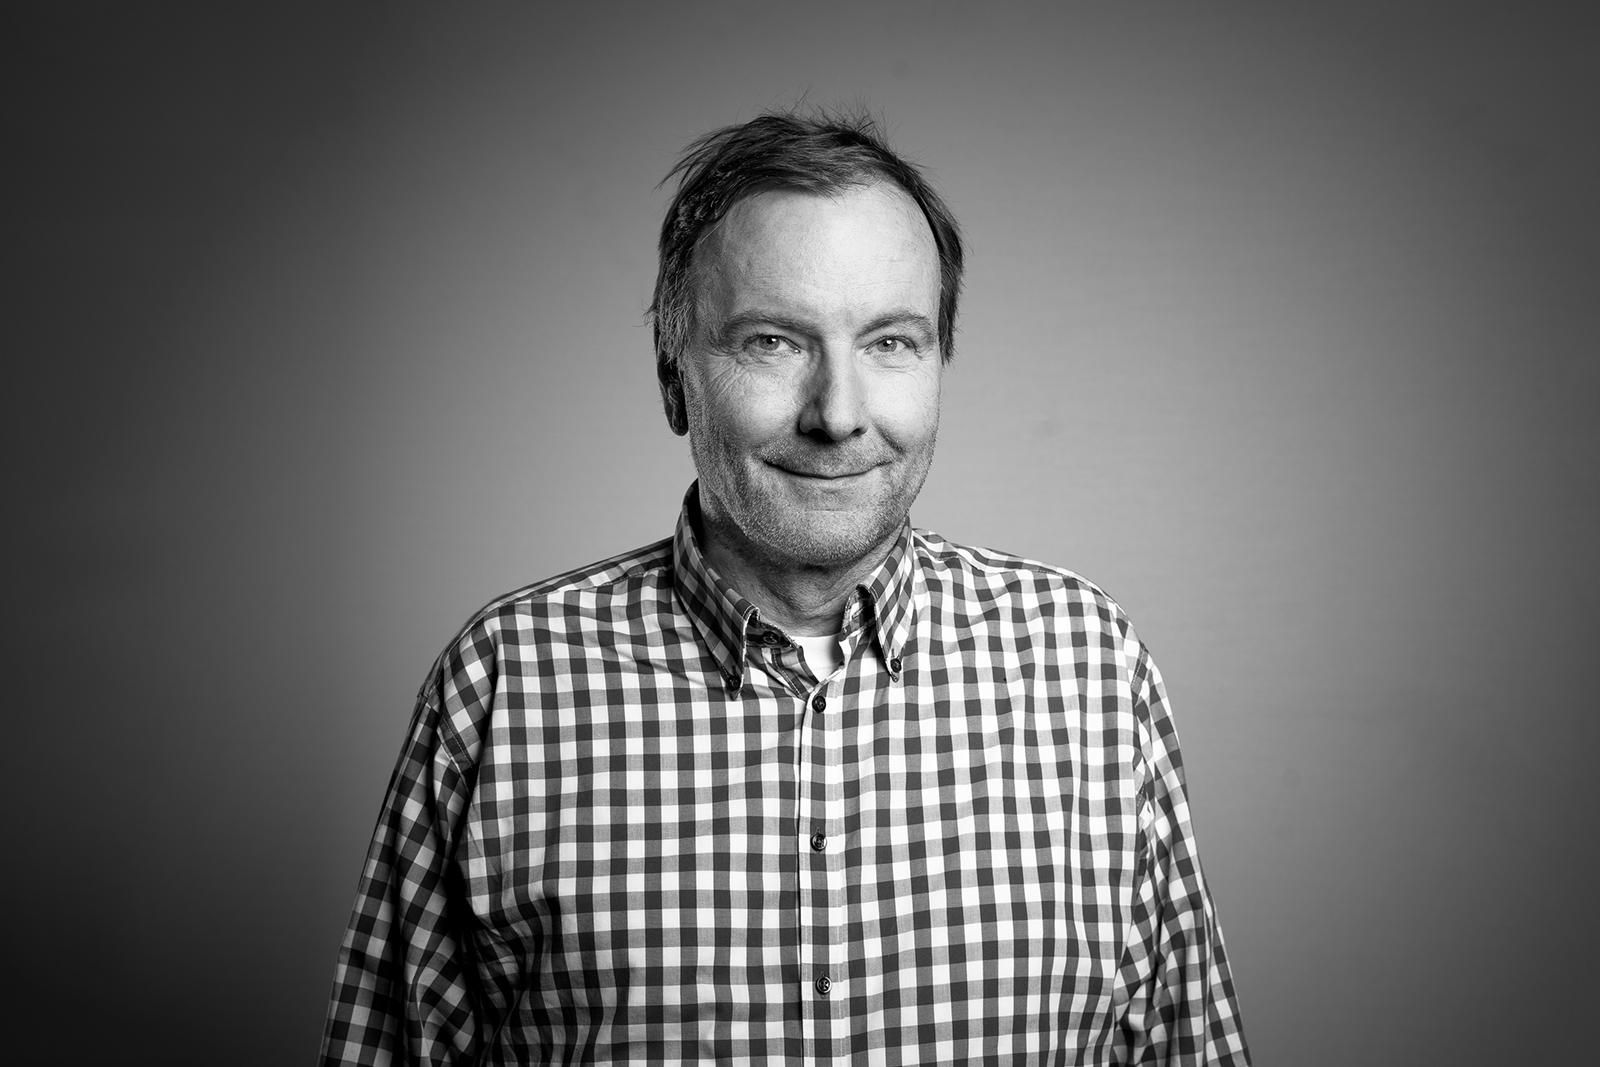 Ole Eirik Øren